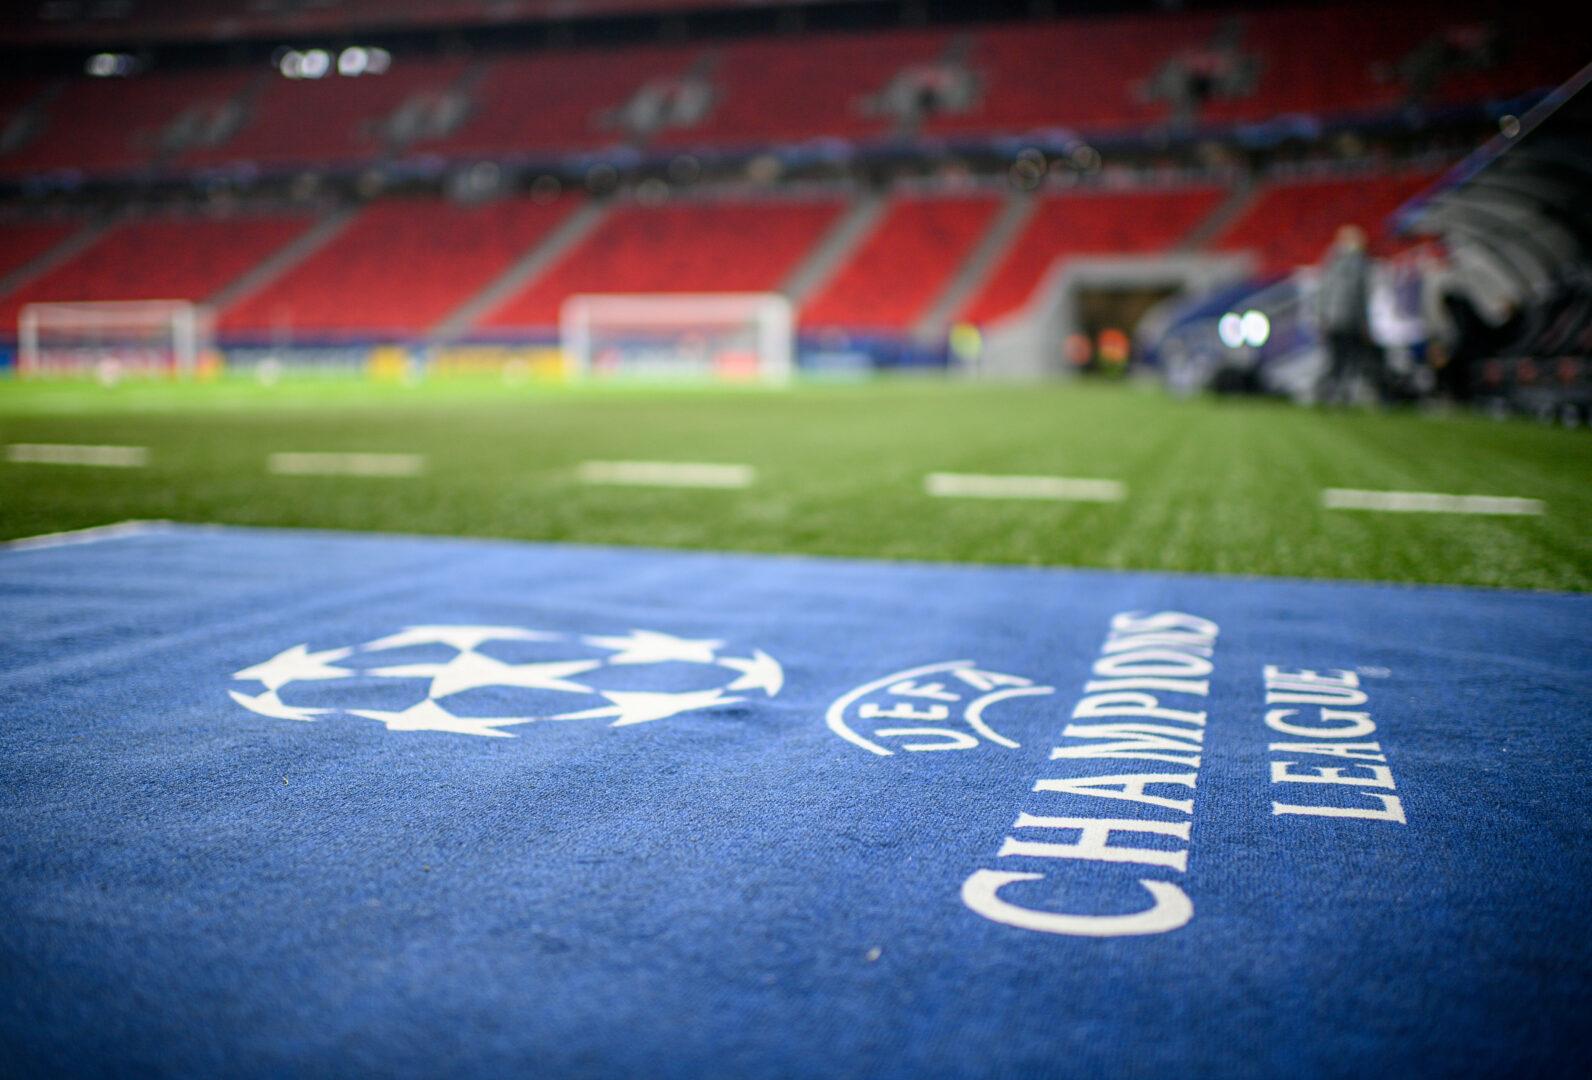 UEFA: Geimpfte und Genesene müssen nicht getestet werden – Gästefans im Europapokal erlaubt